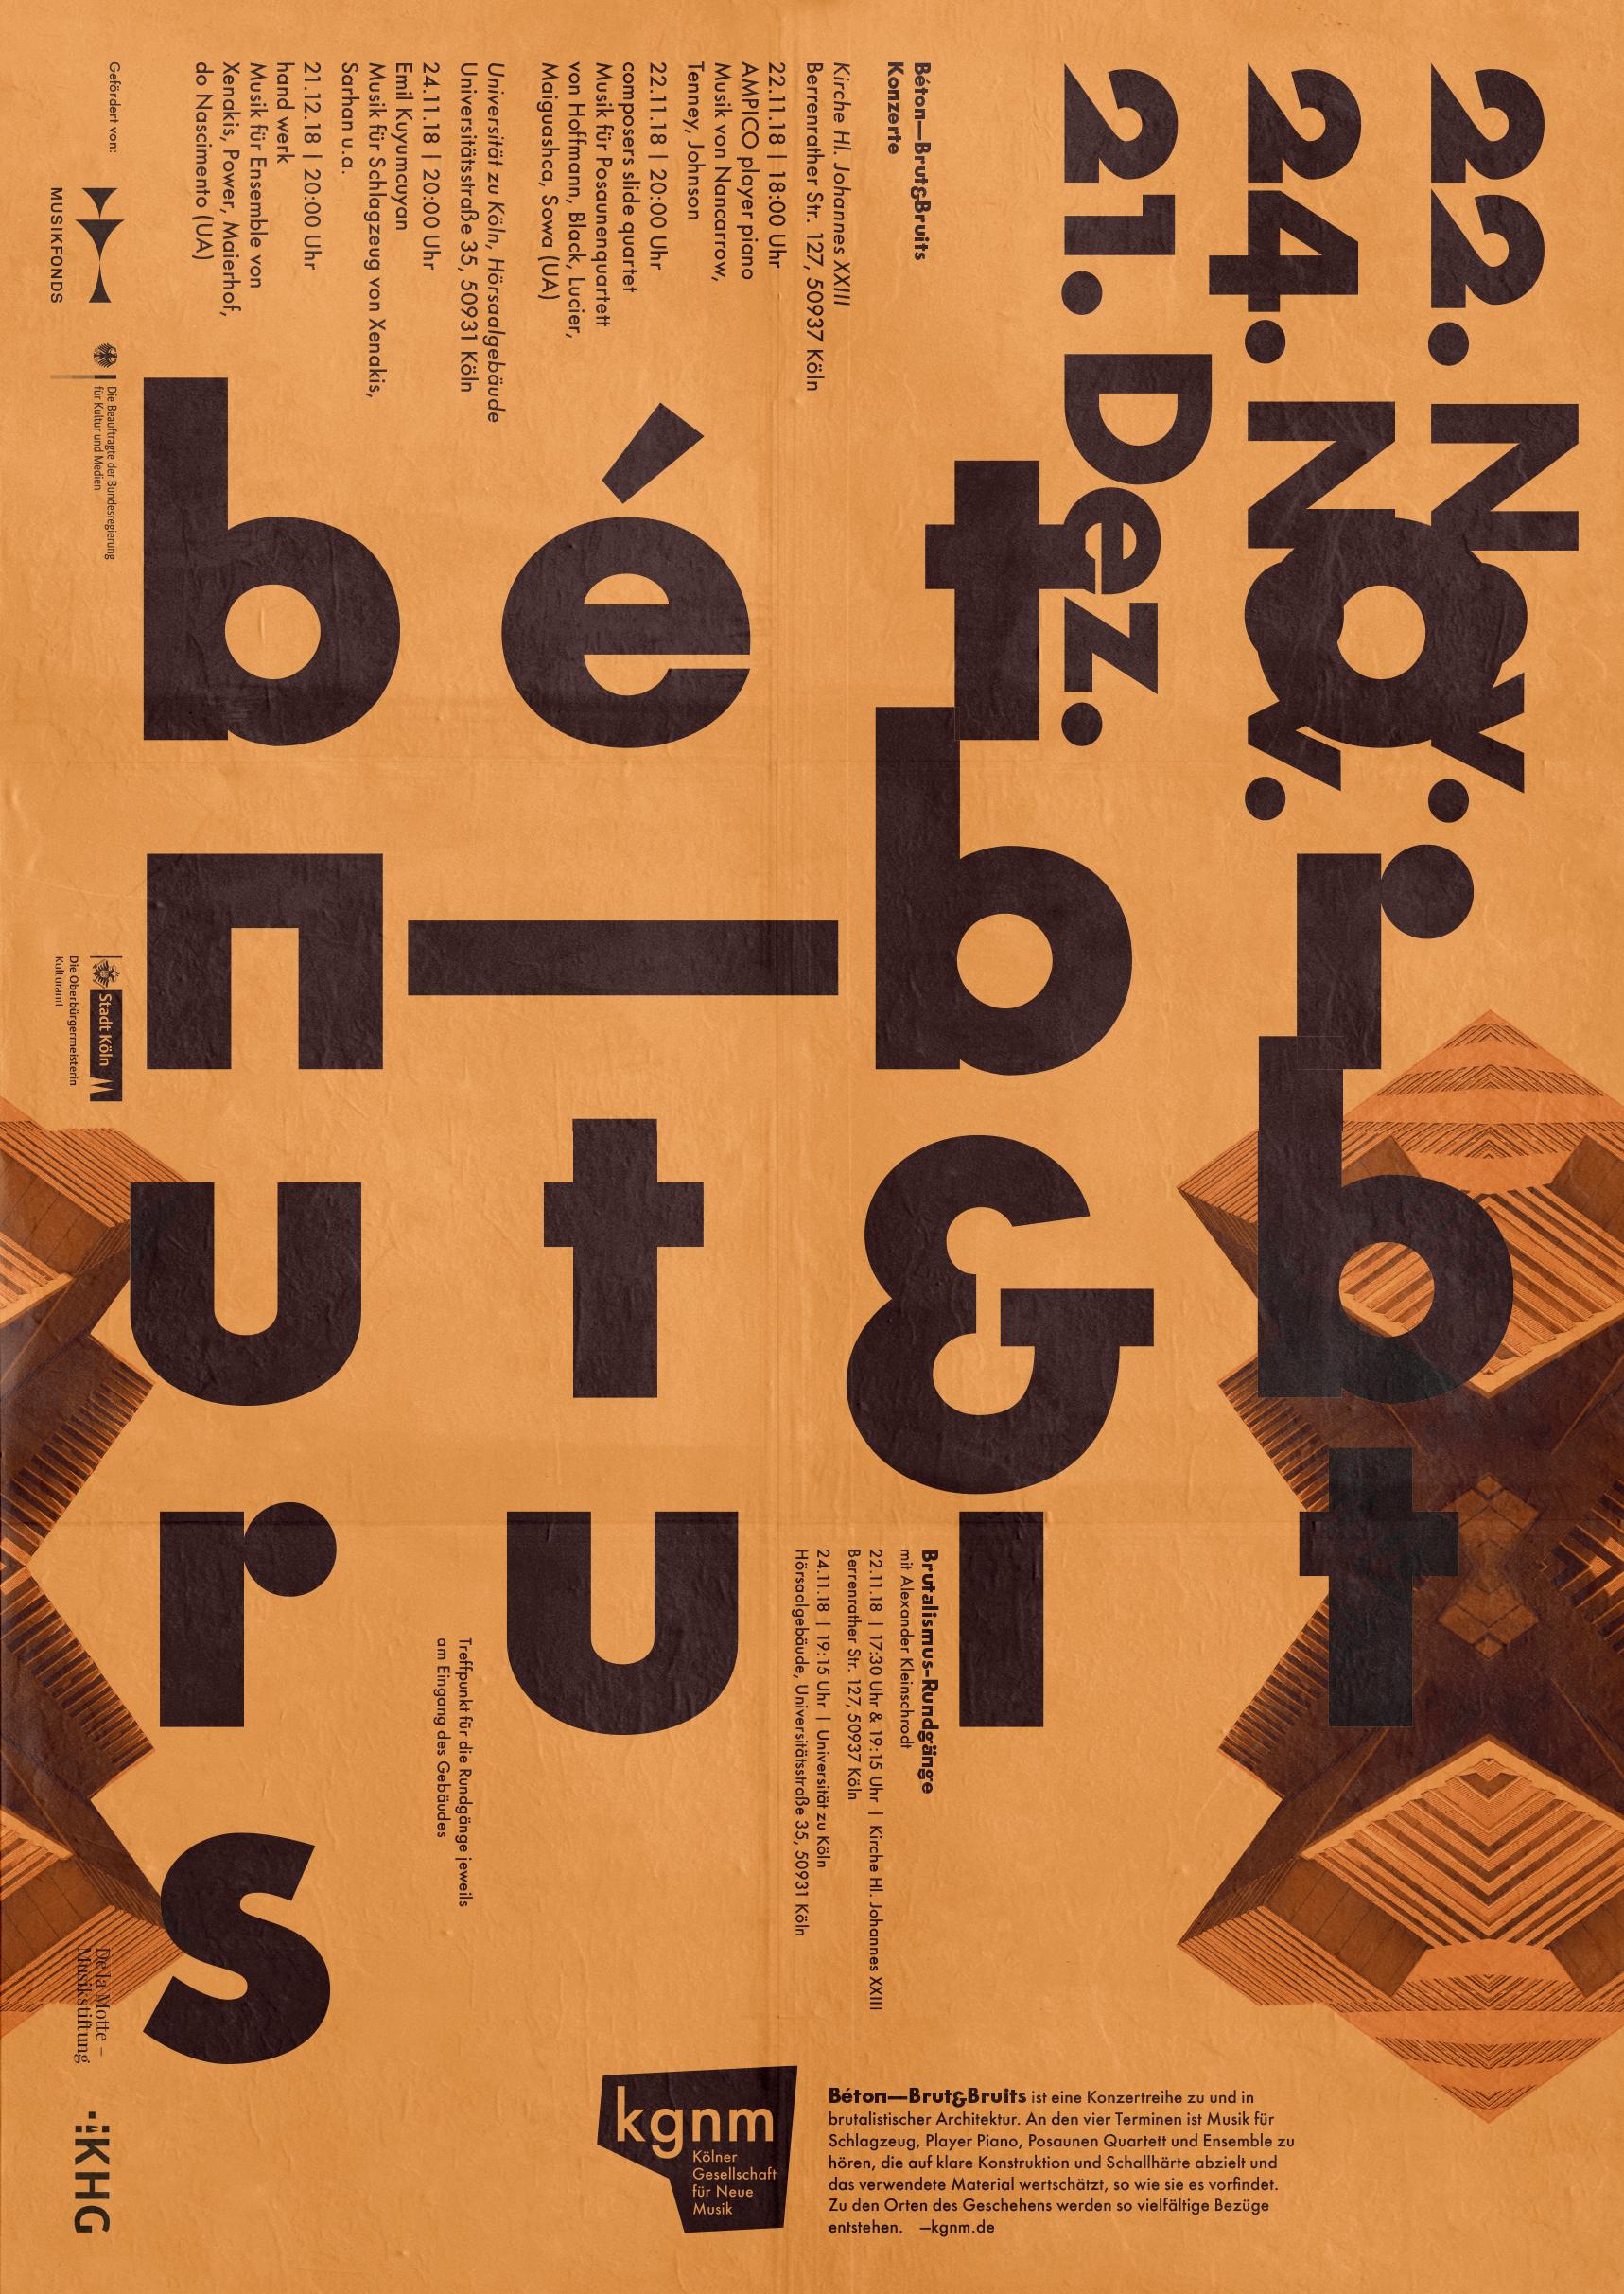 Plakat | Neue Musik |Design | Typografie | Futura